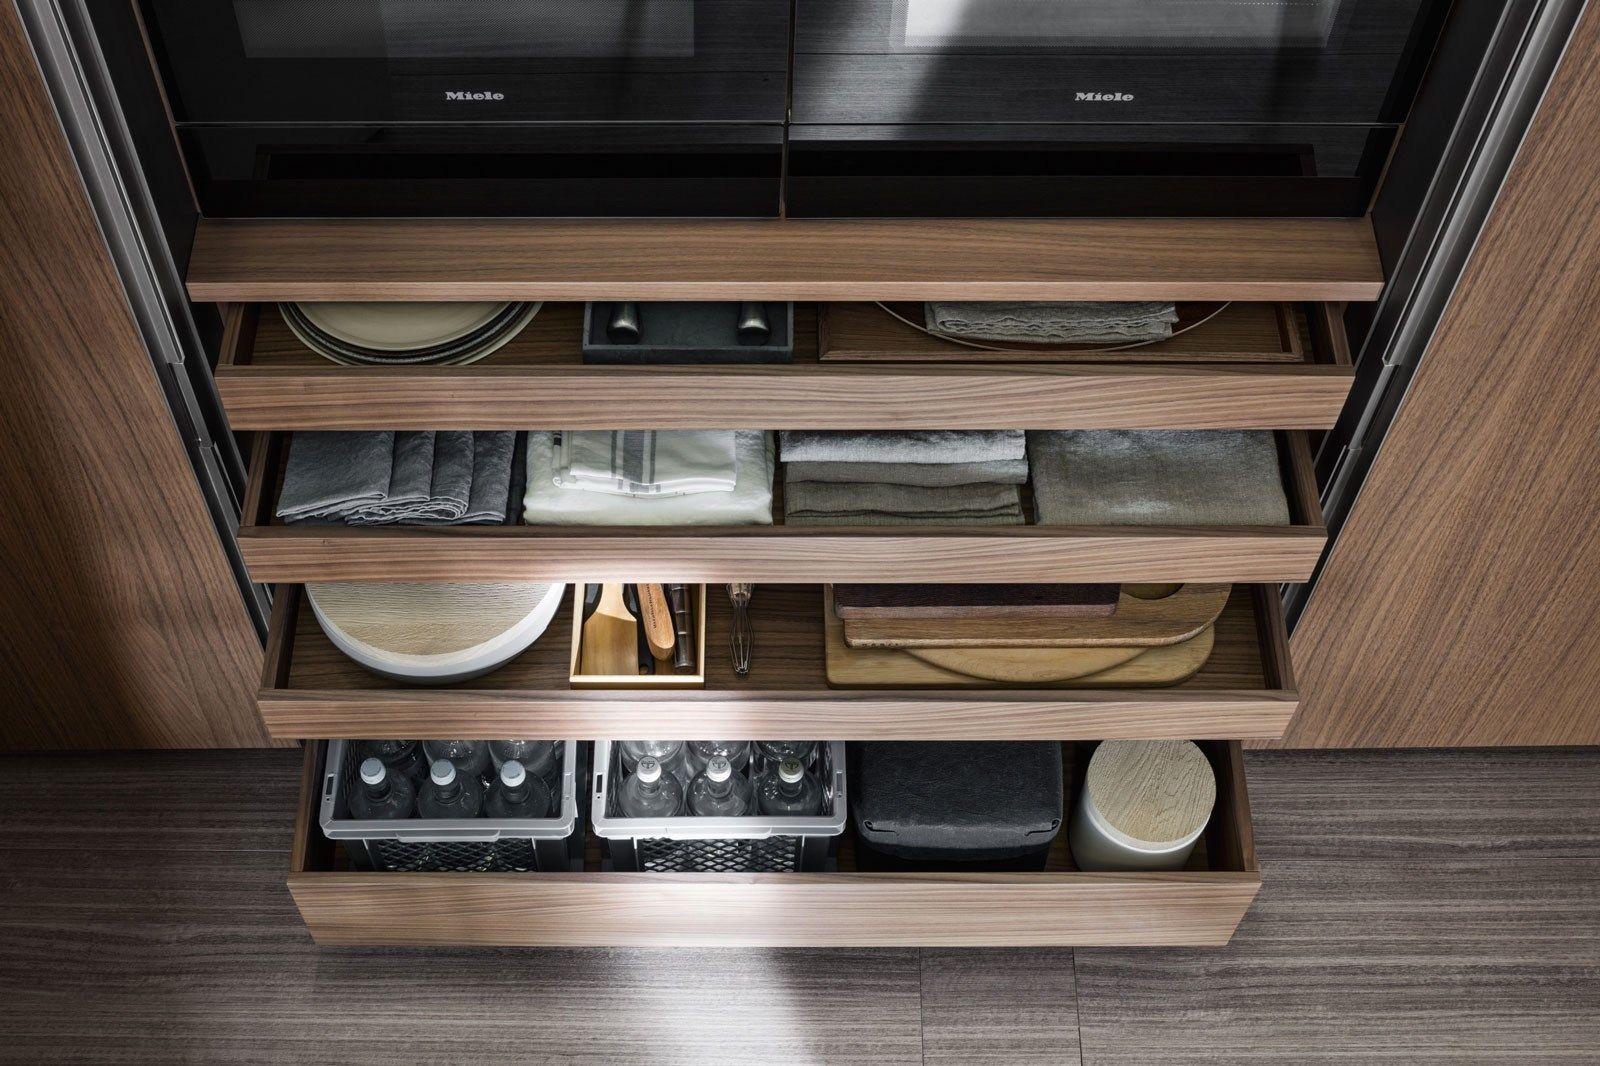 Vvd kitchen with island by dada design vincent van duysen